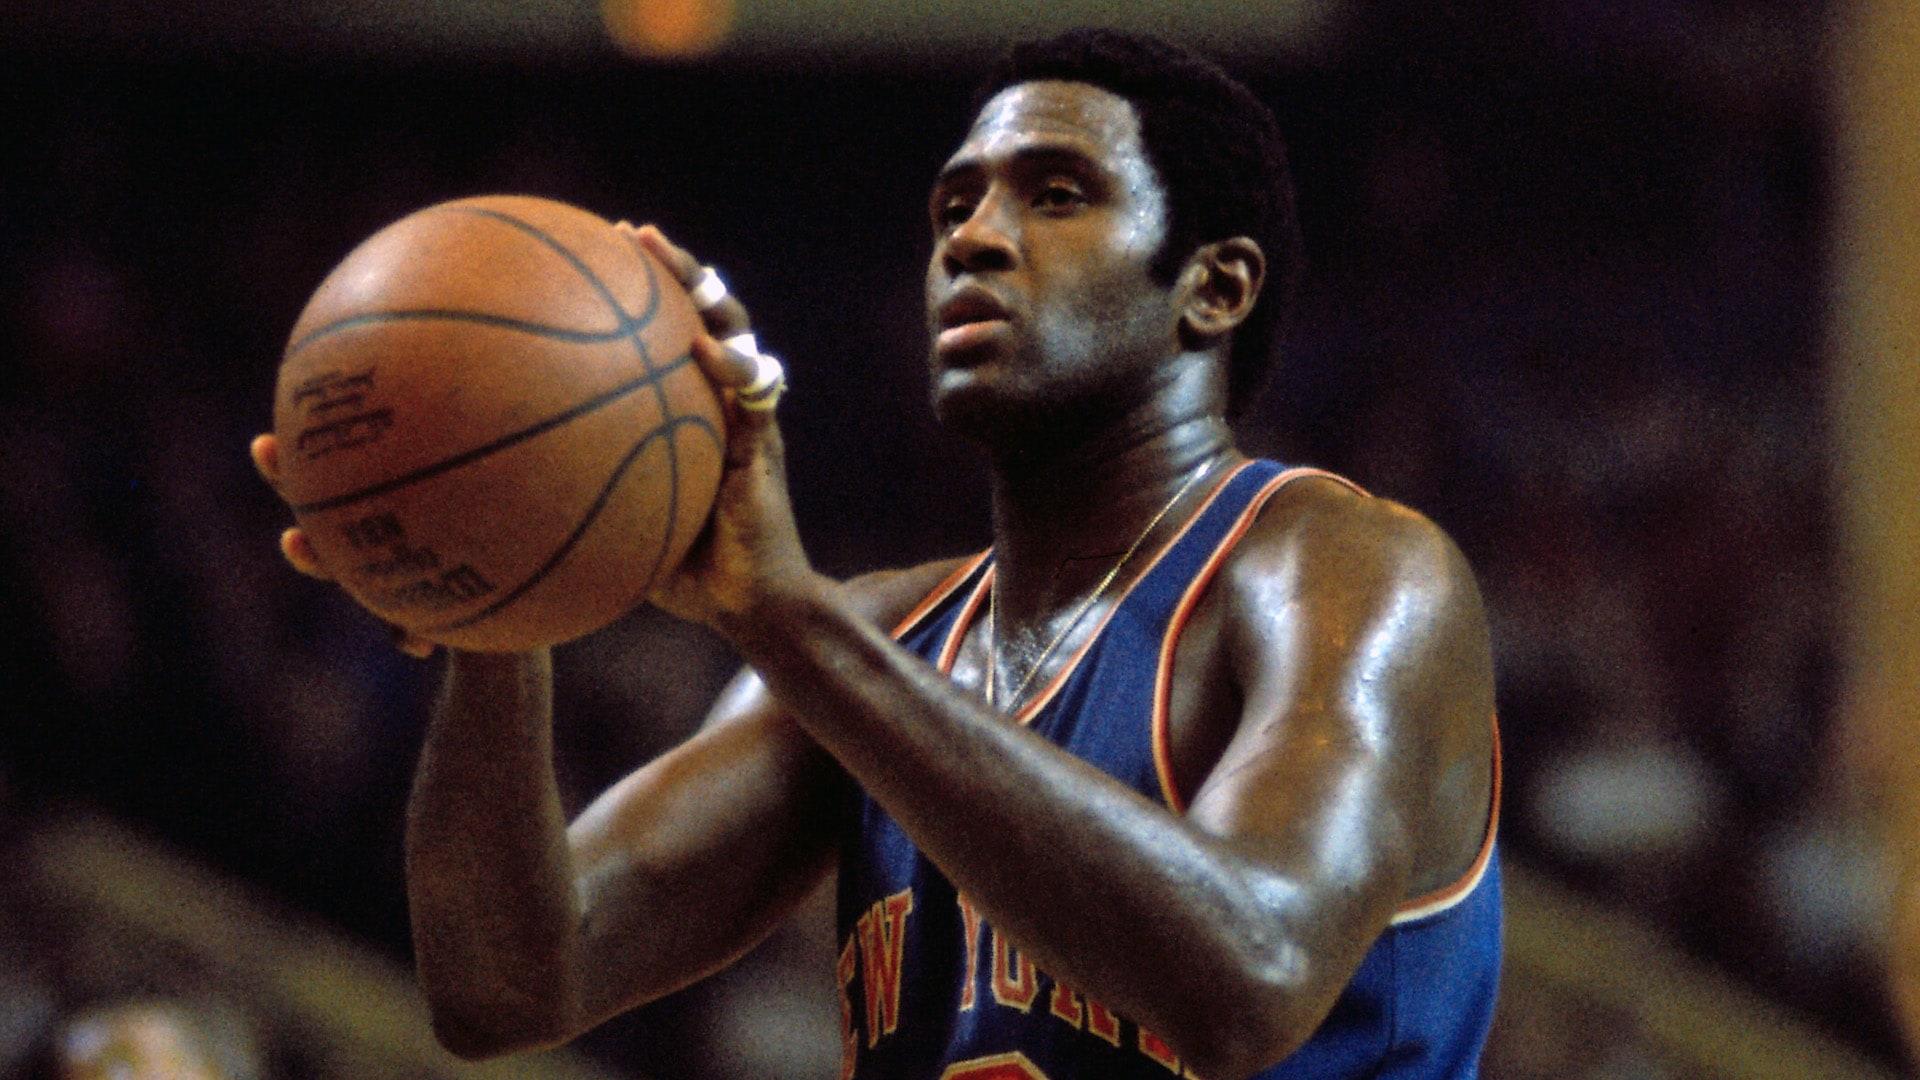 NBA Top Moments: 1970s